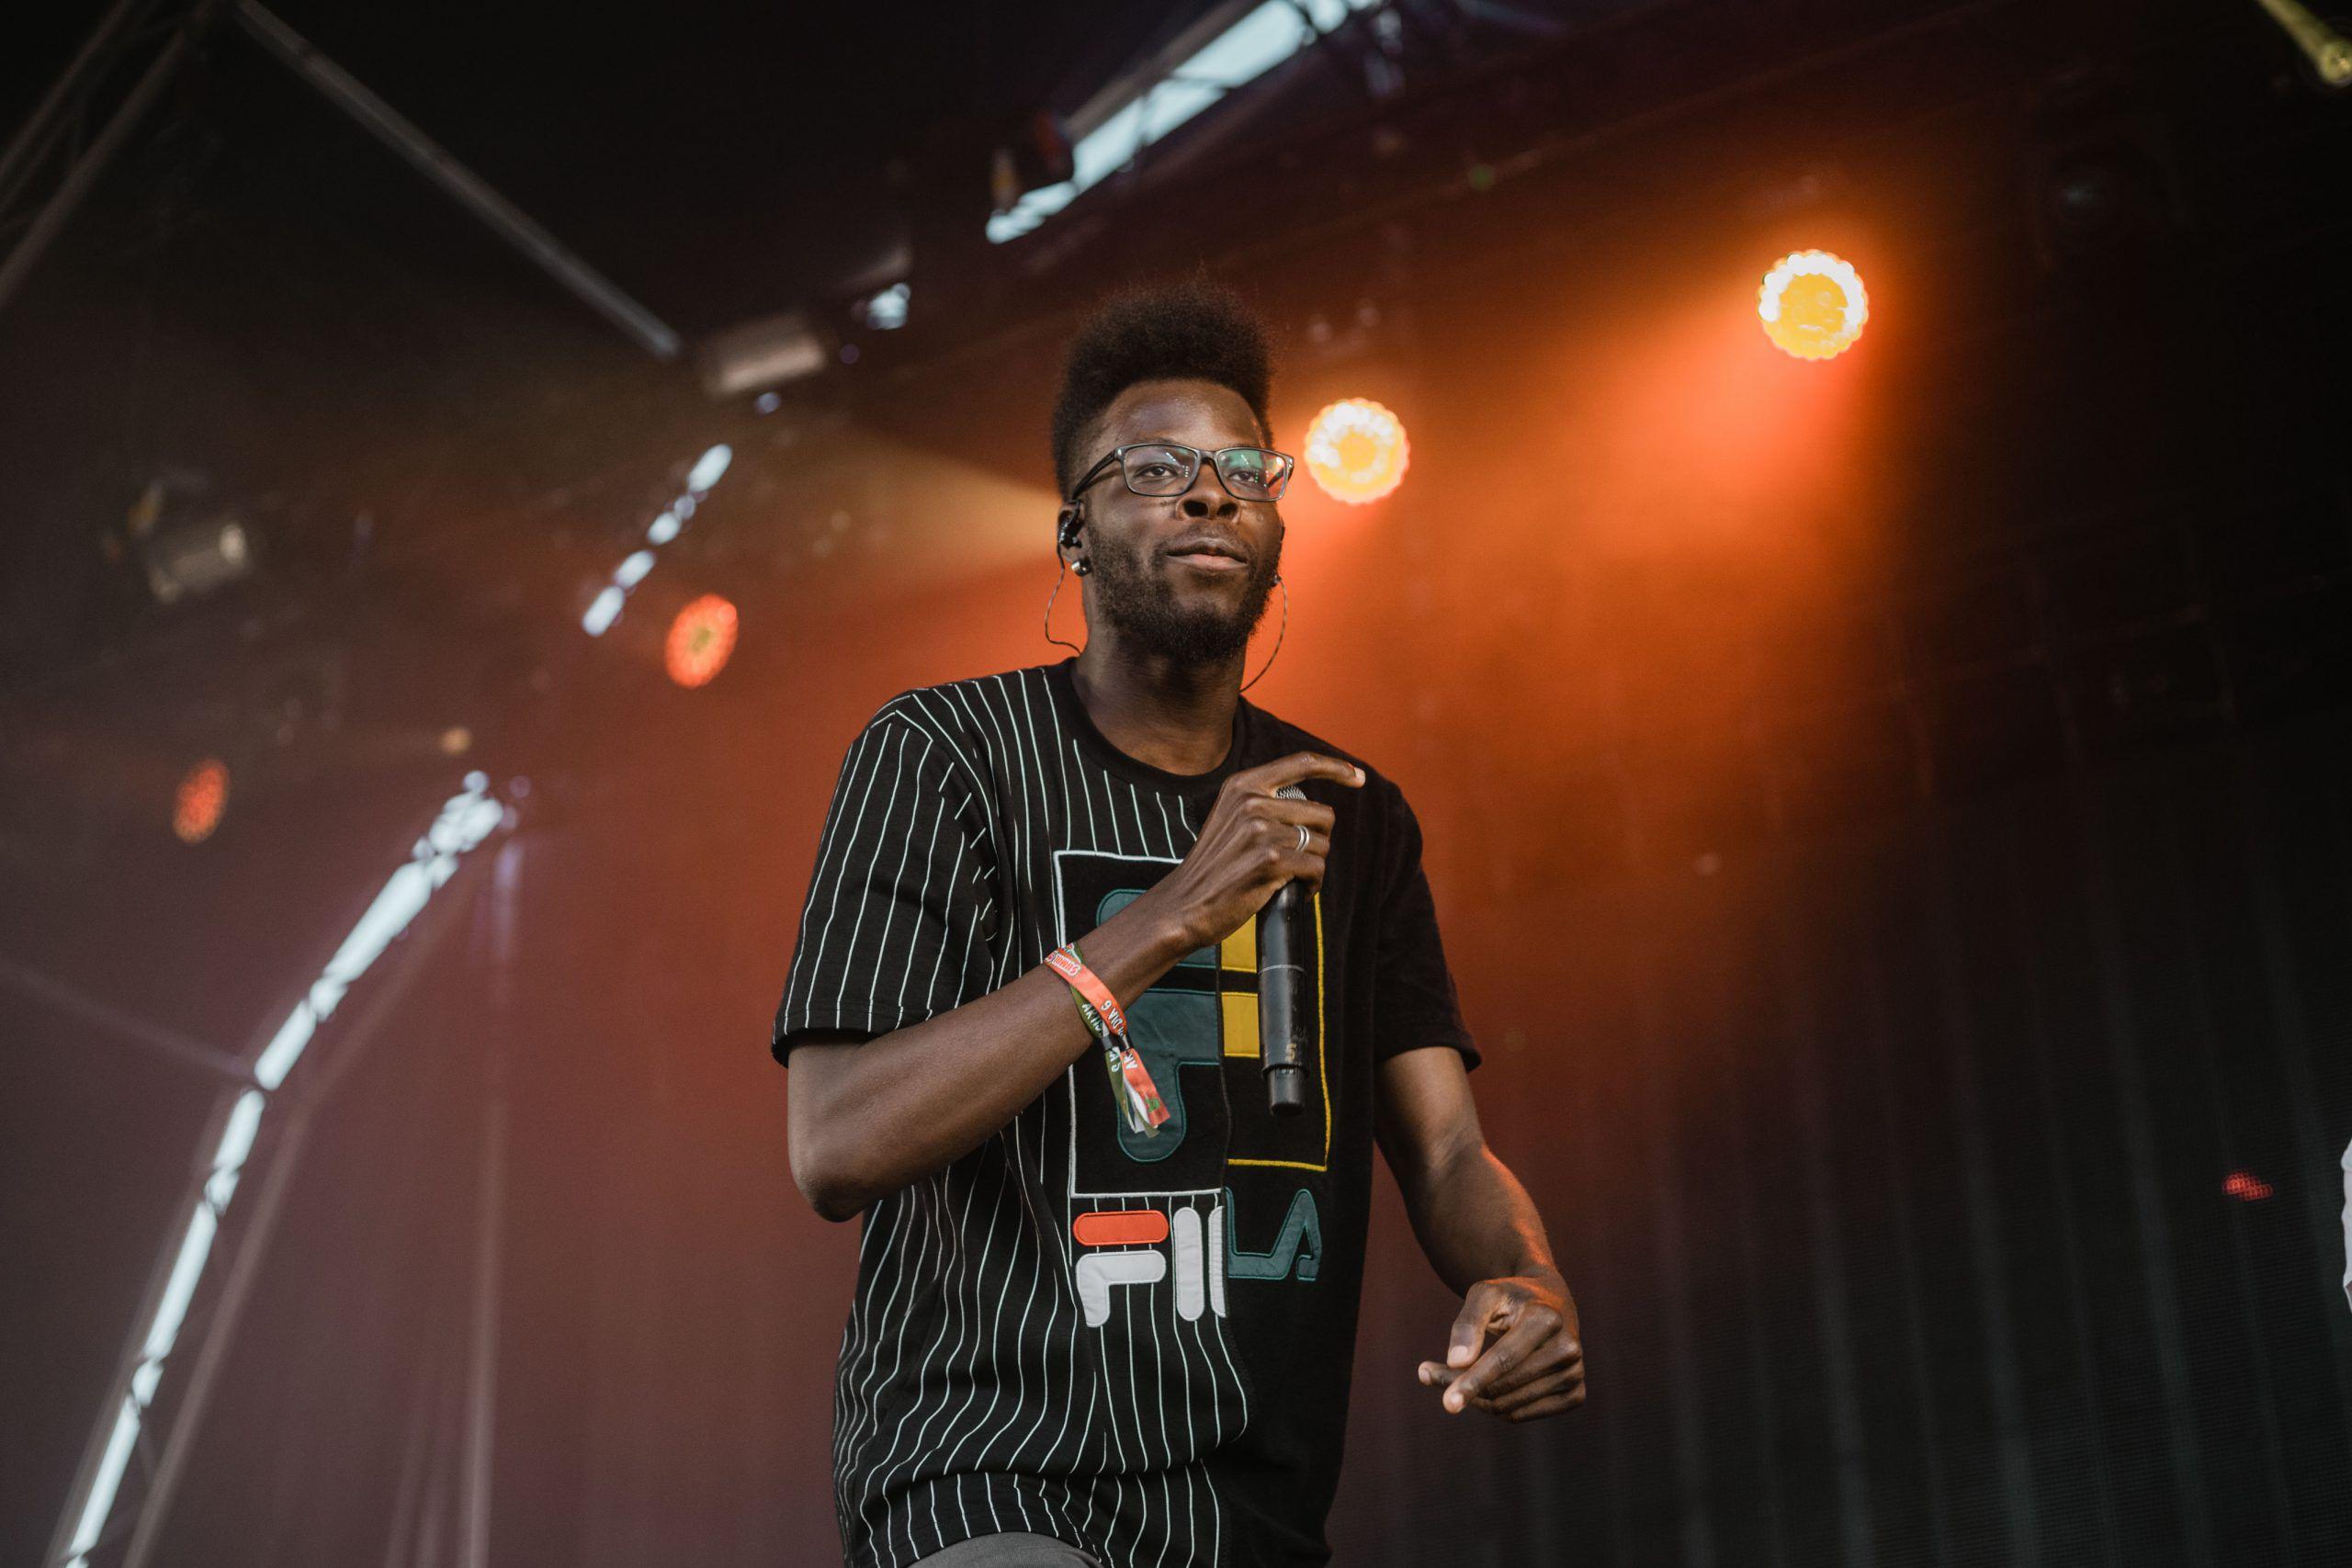 Papillon no palco do Sumol Summer Fest, em 2019, durante o concerto de GROGNation (Tiago Filipe/CCA)